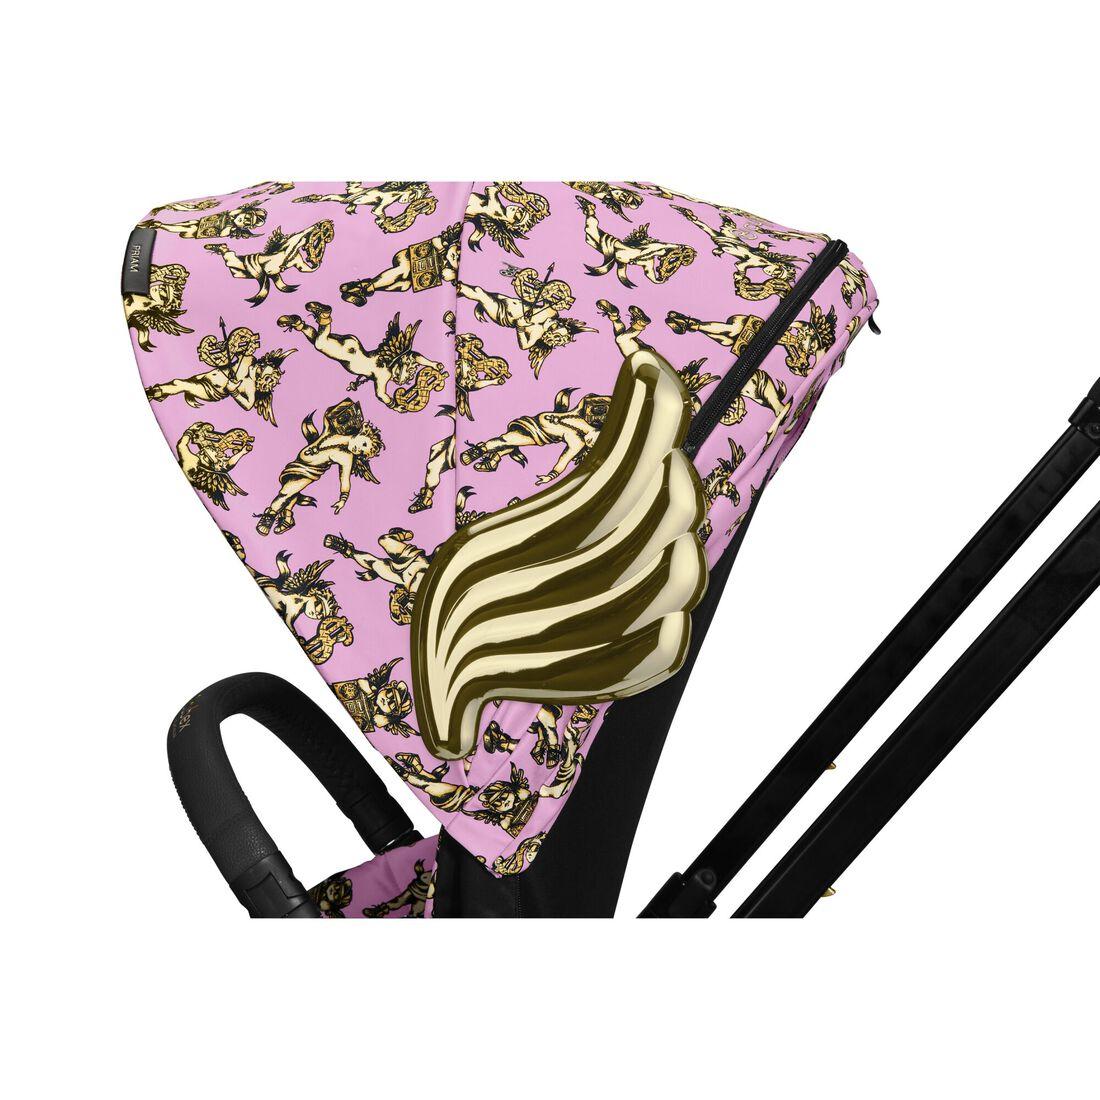 CYBEX Priam Jeremy Scott - Cherubs Pink in Cherubs Pink large Bild 5